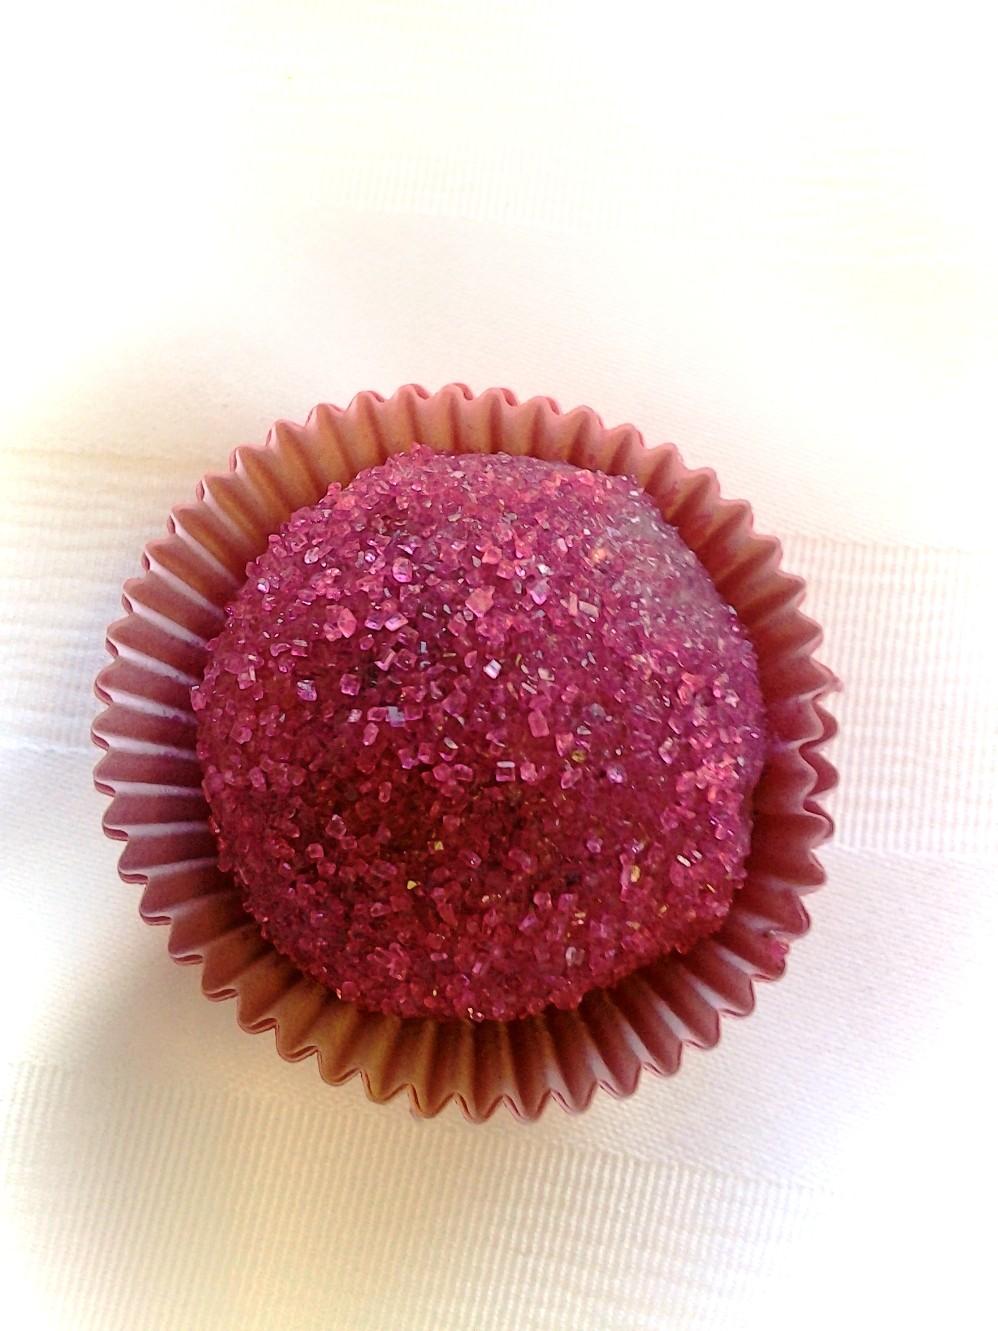 https://0201.nccdn.net/1_2/000/000/181/580/cake-truffles-5.jpg